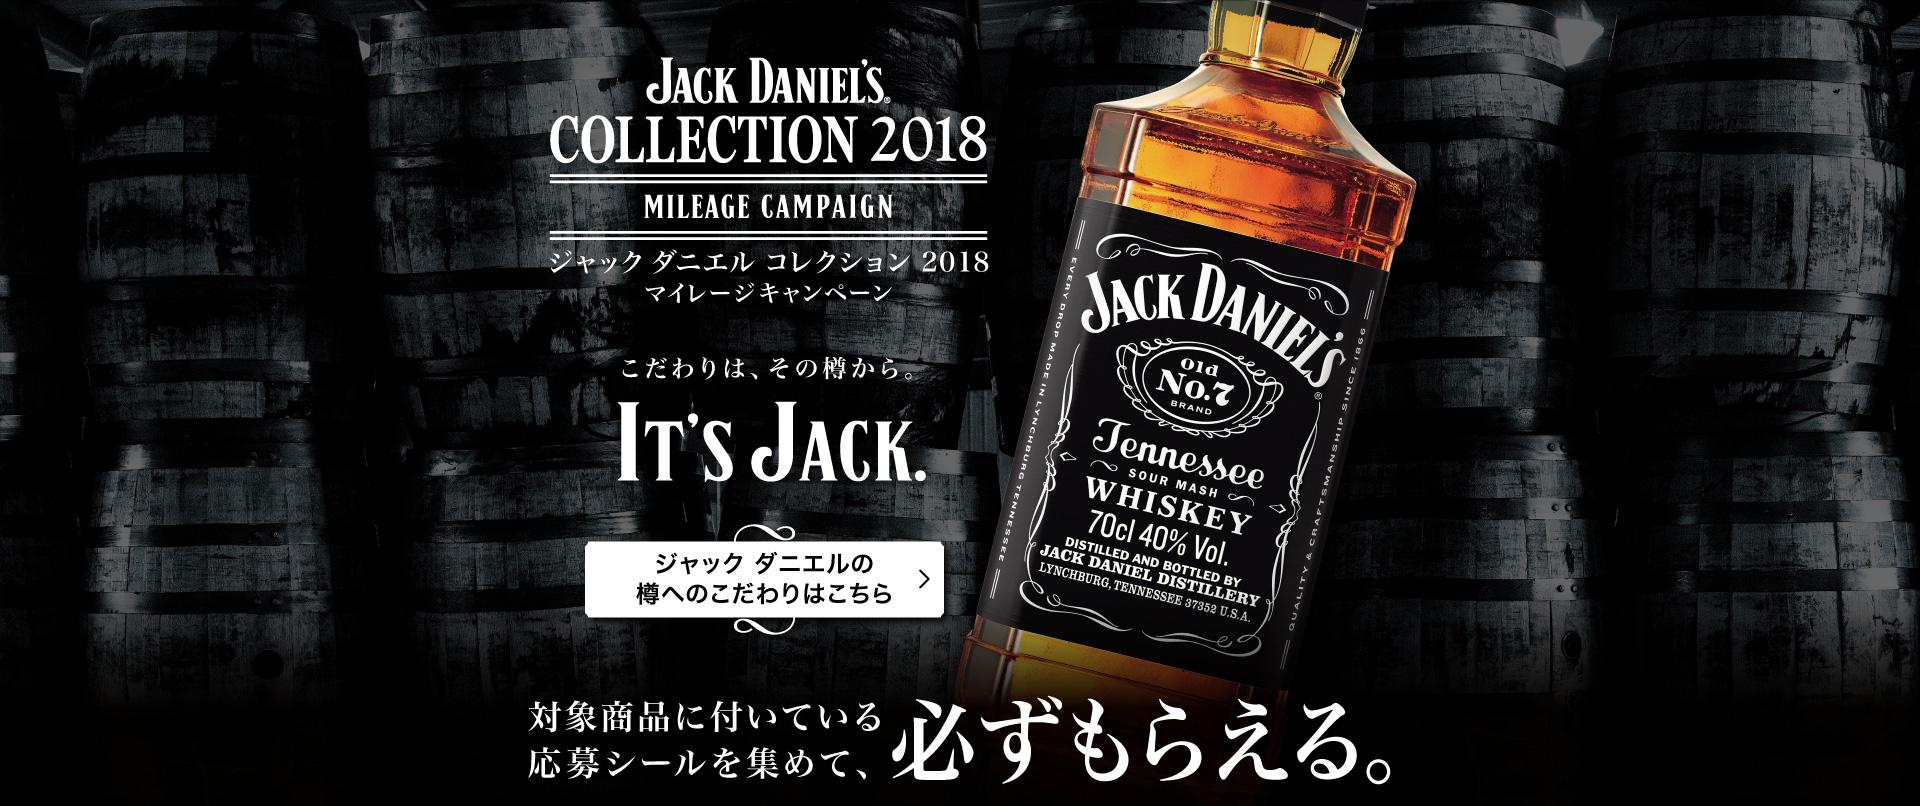 アサヒビール ジャックダニエルコレクション2018マイレージキャンペーン